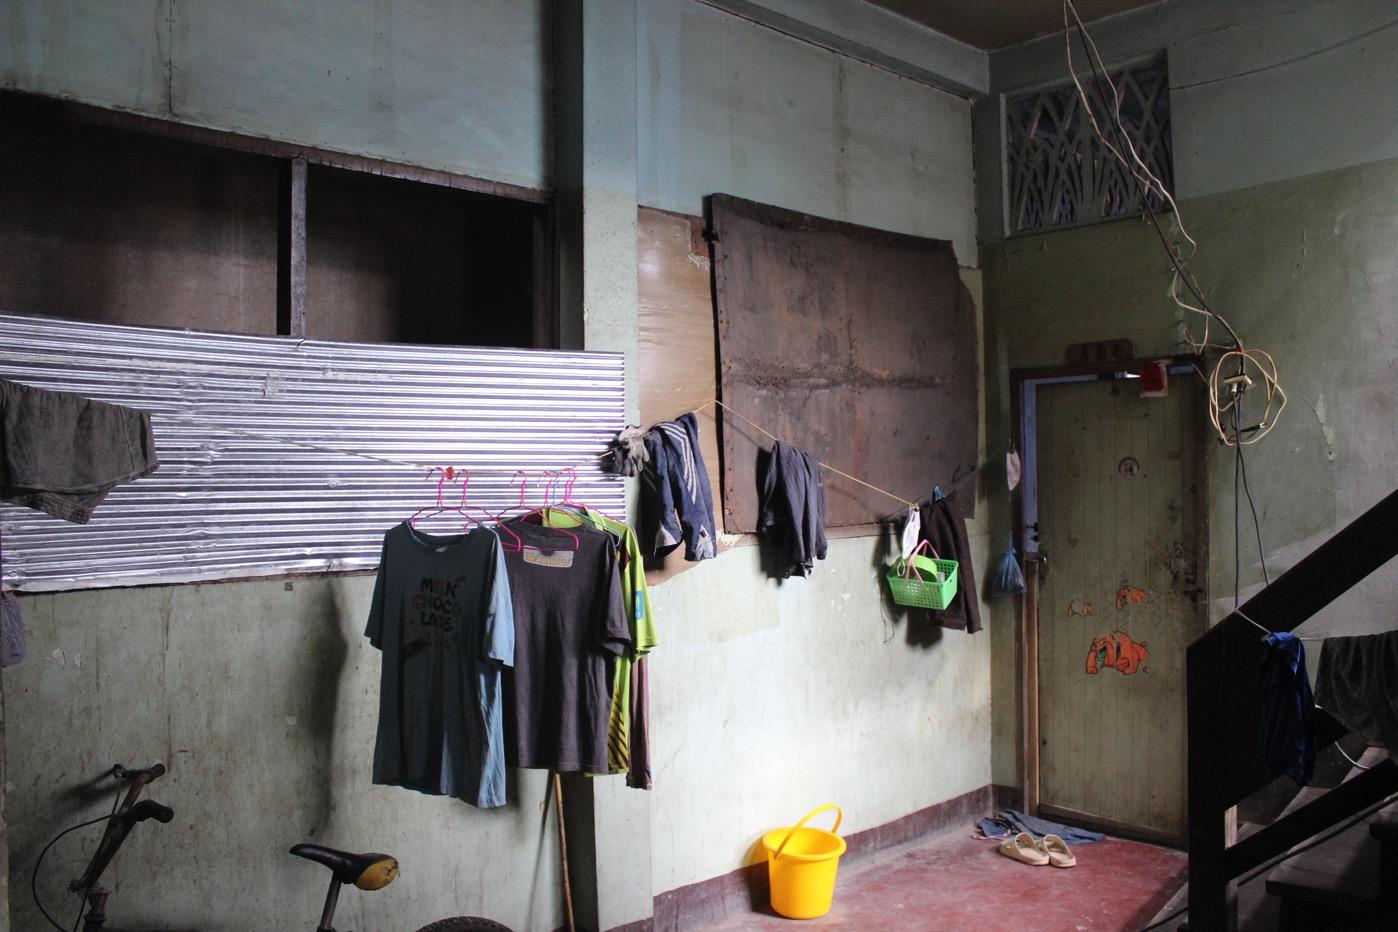 楽宮大旅社。中に入ると工事をしていた。労働者のアパートに改装しているらしい